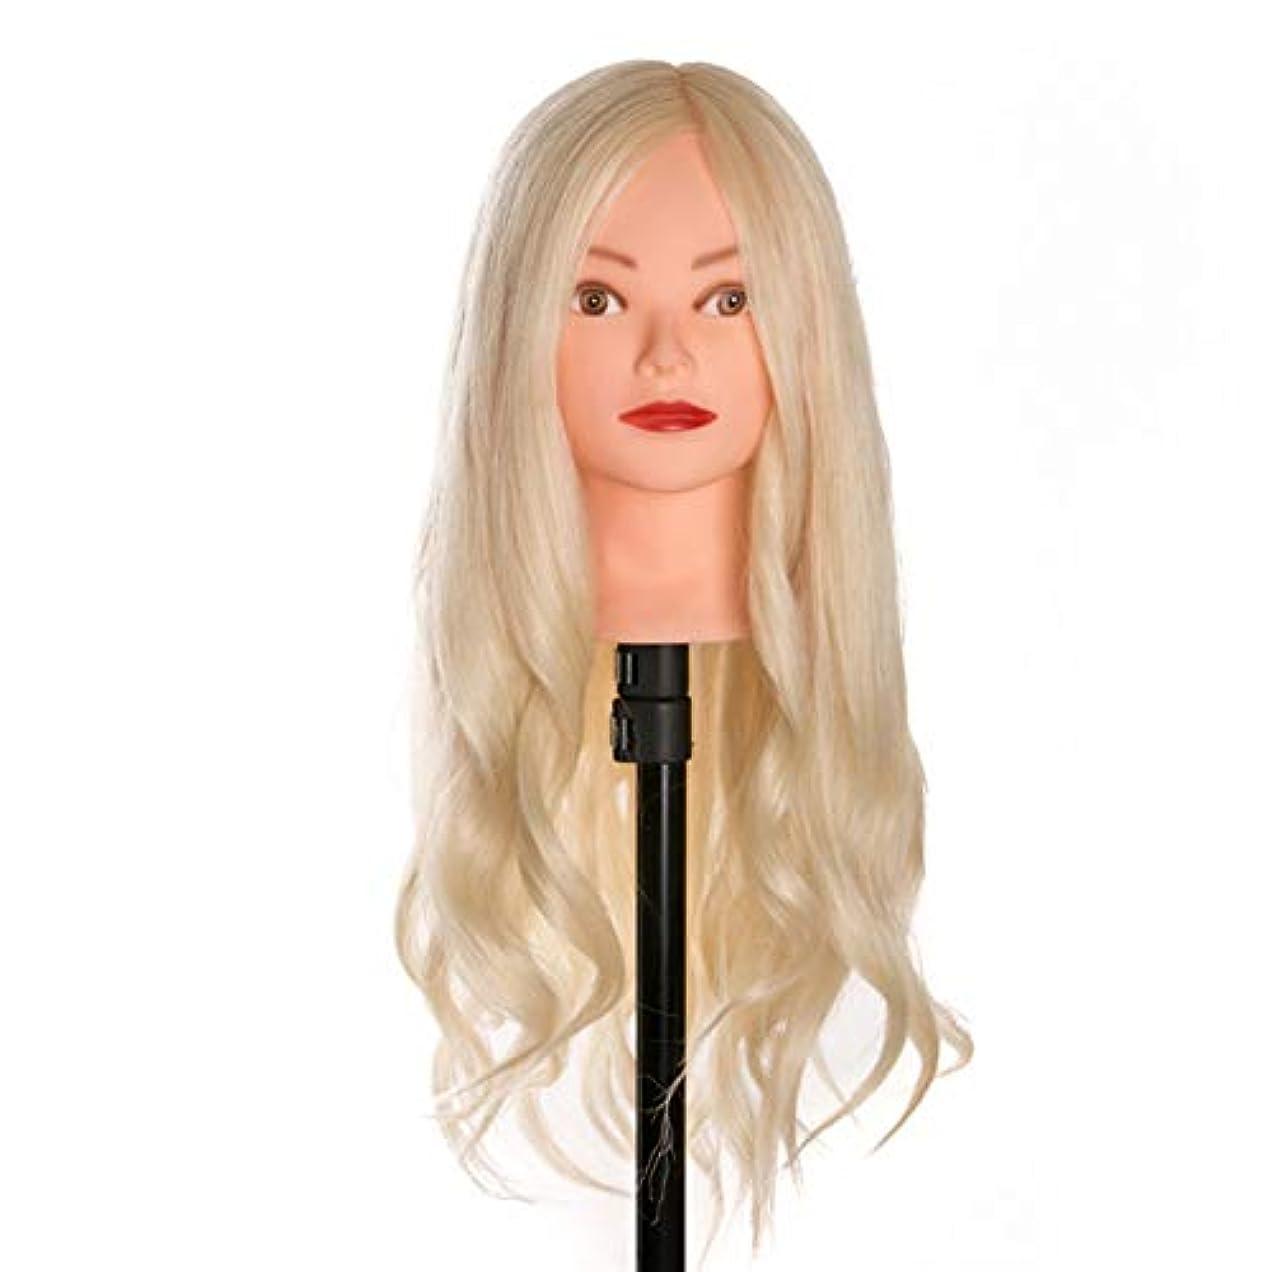 辛いバナナ示すヘアカットトレーニングかつらメイクディスクヘアスタイリング編組ティーチングダミーヘッド理髪サロンエクササイズヘッド金型3個